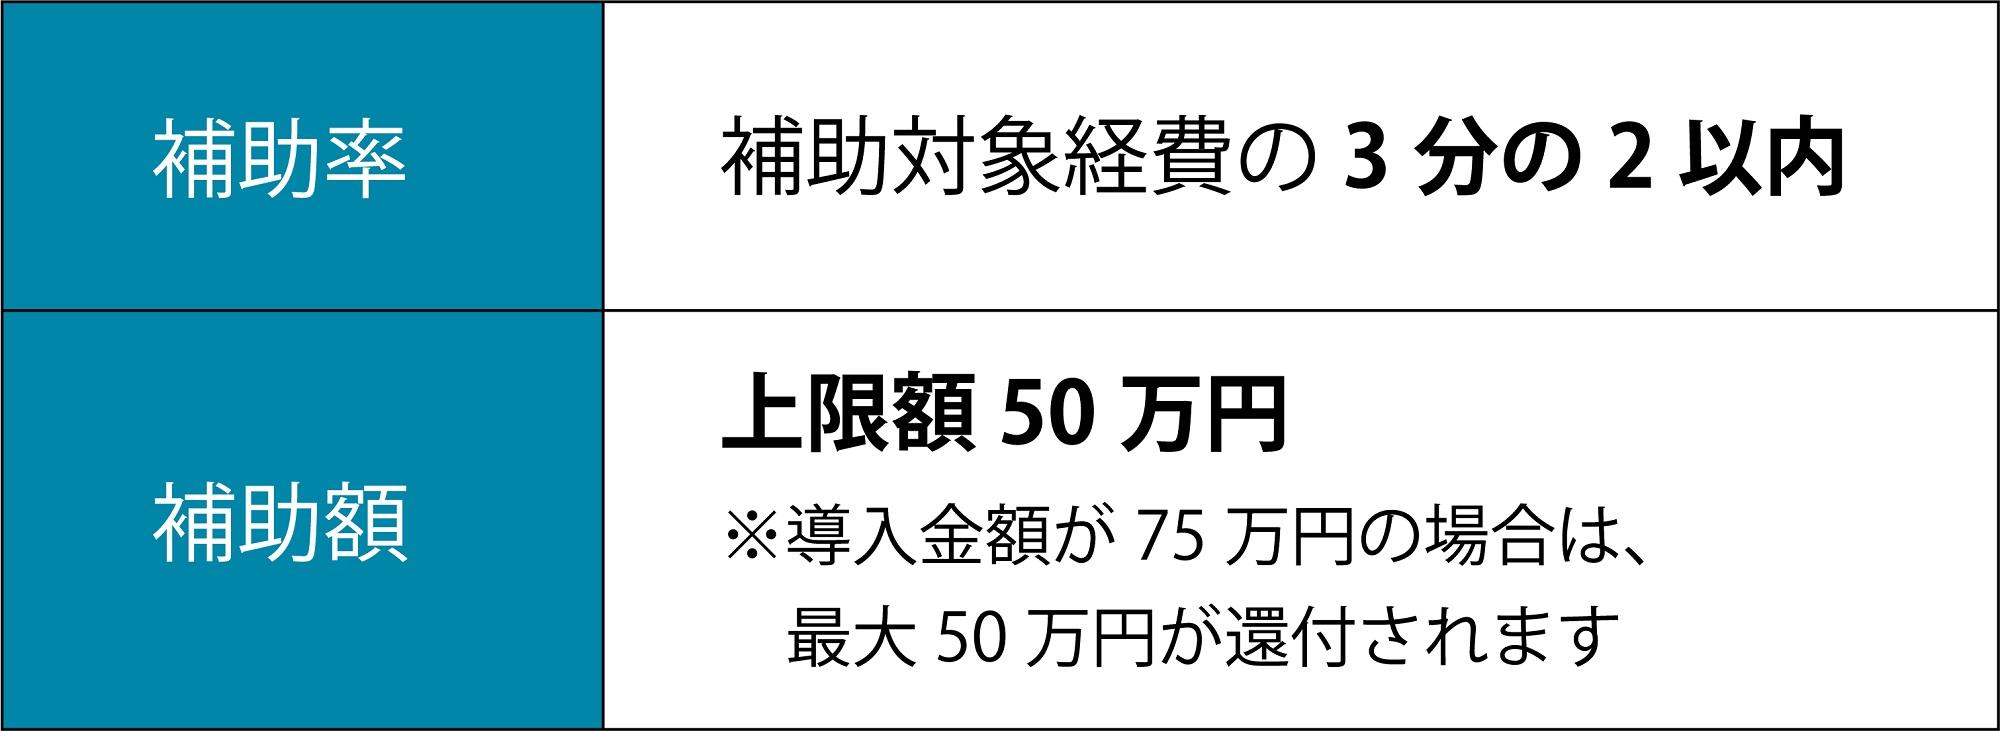 補助額02